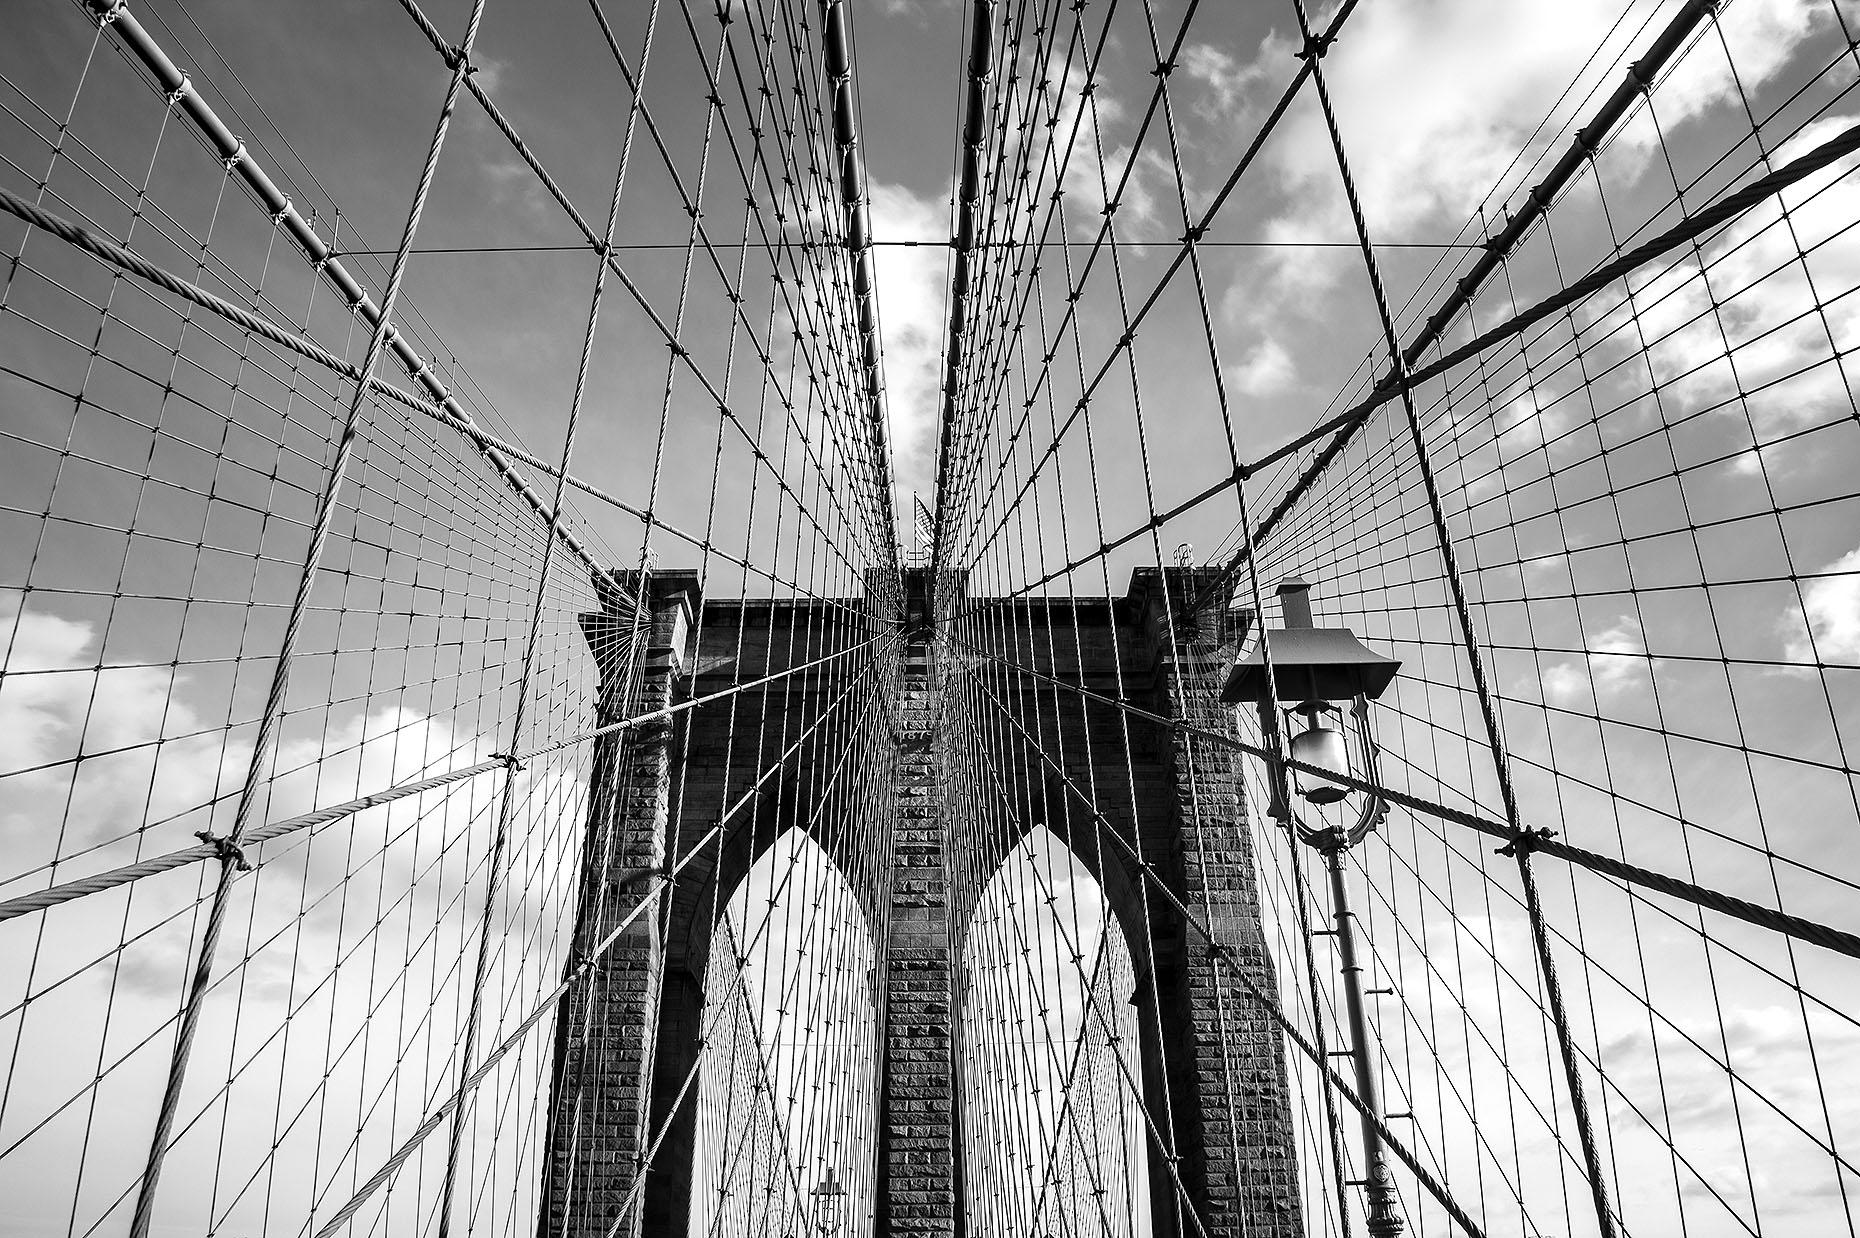 BrooklynBridge_02-bw.jpg